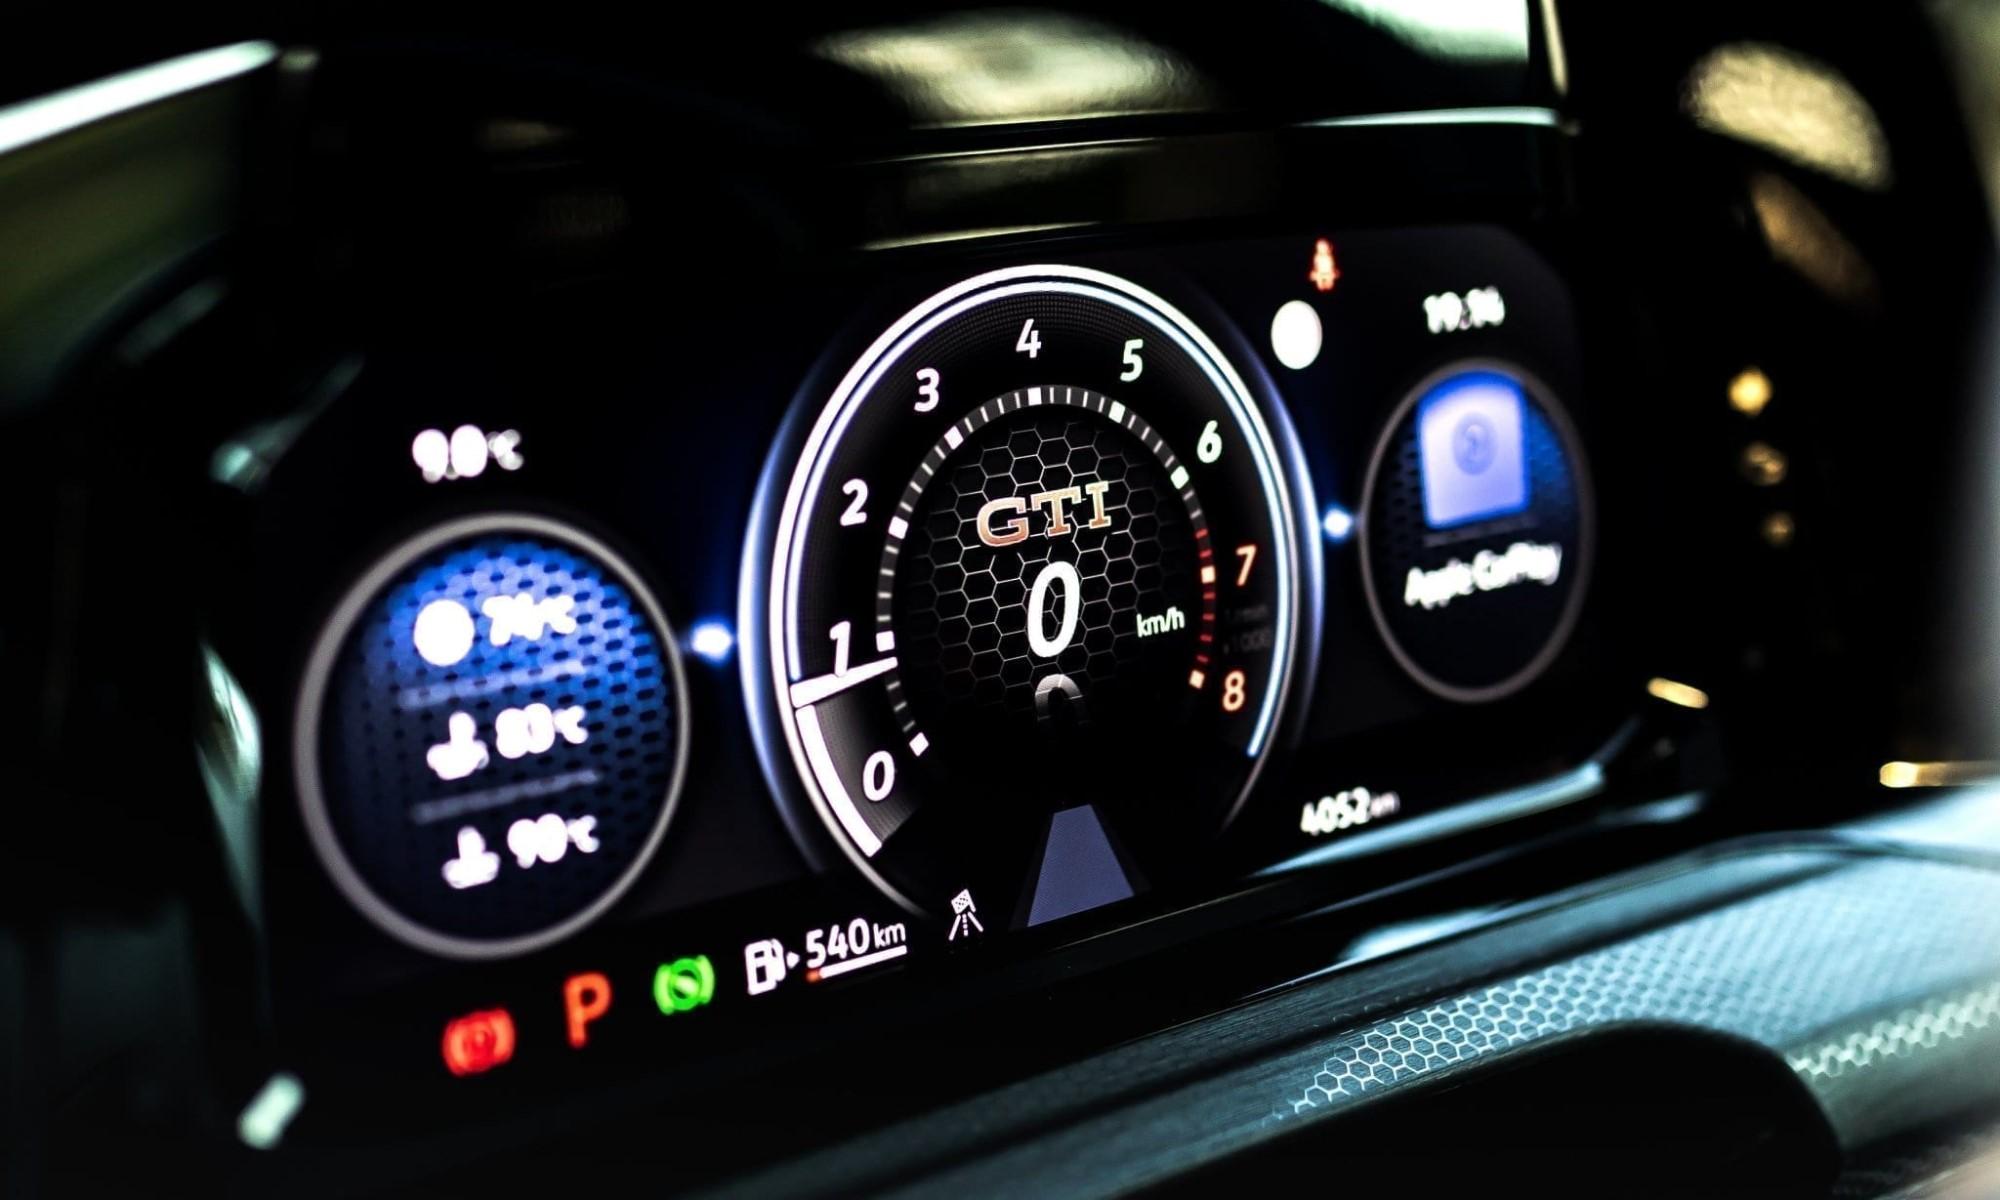 Manhart Golf GTI 290 instrument